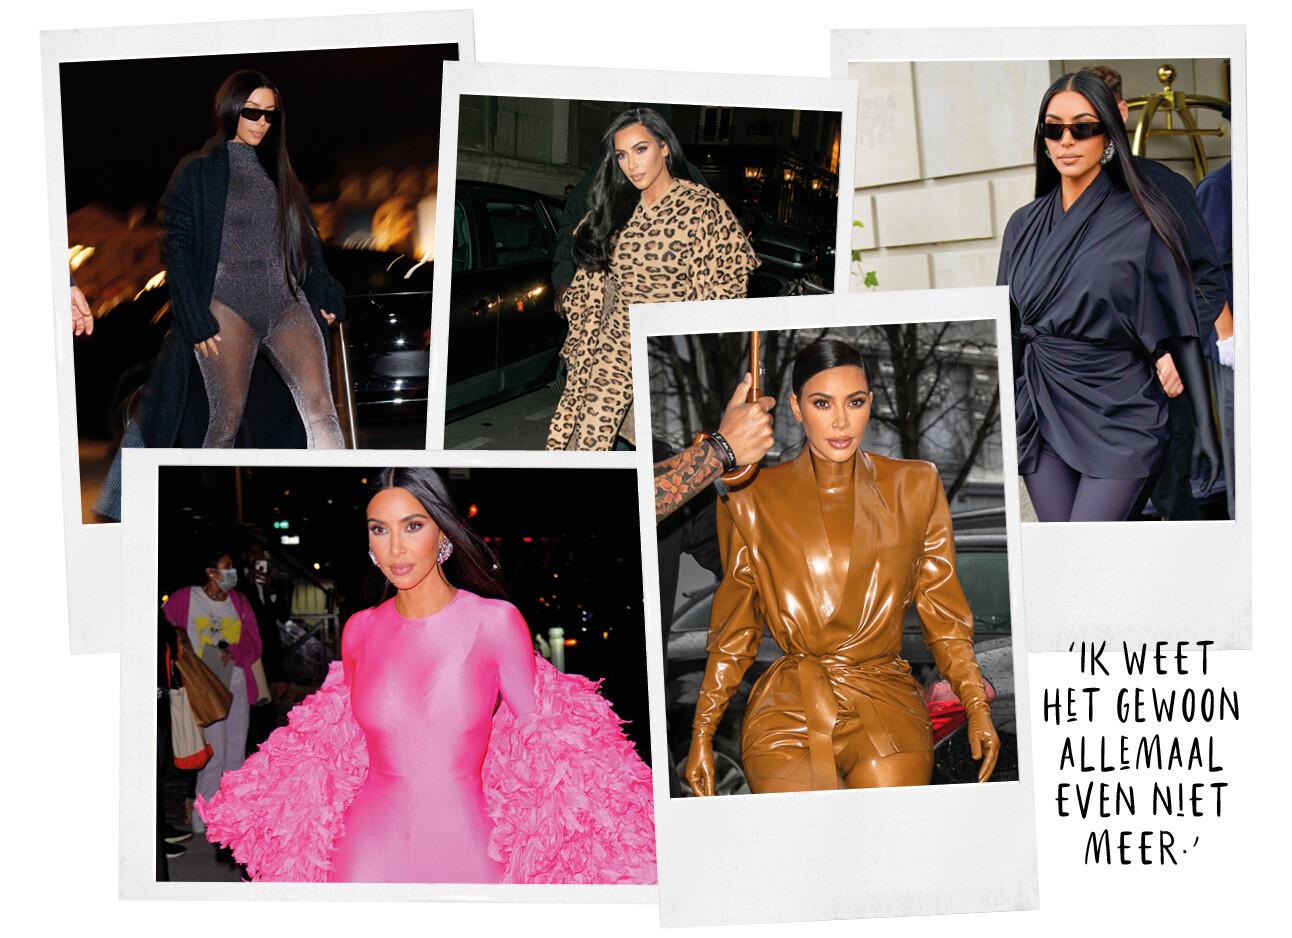 de outfits van Kim Kardashian